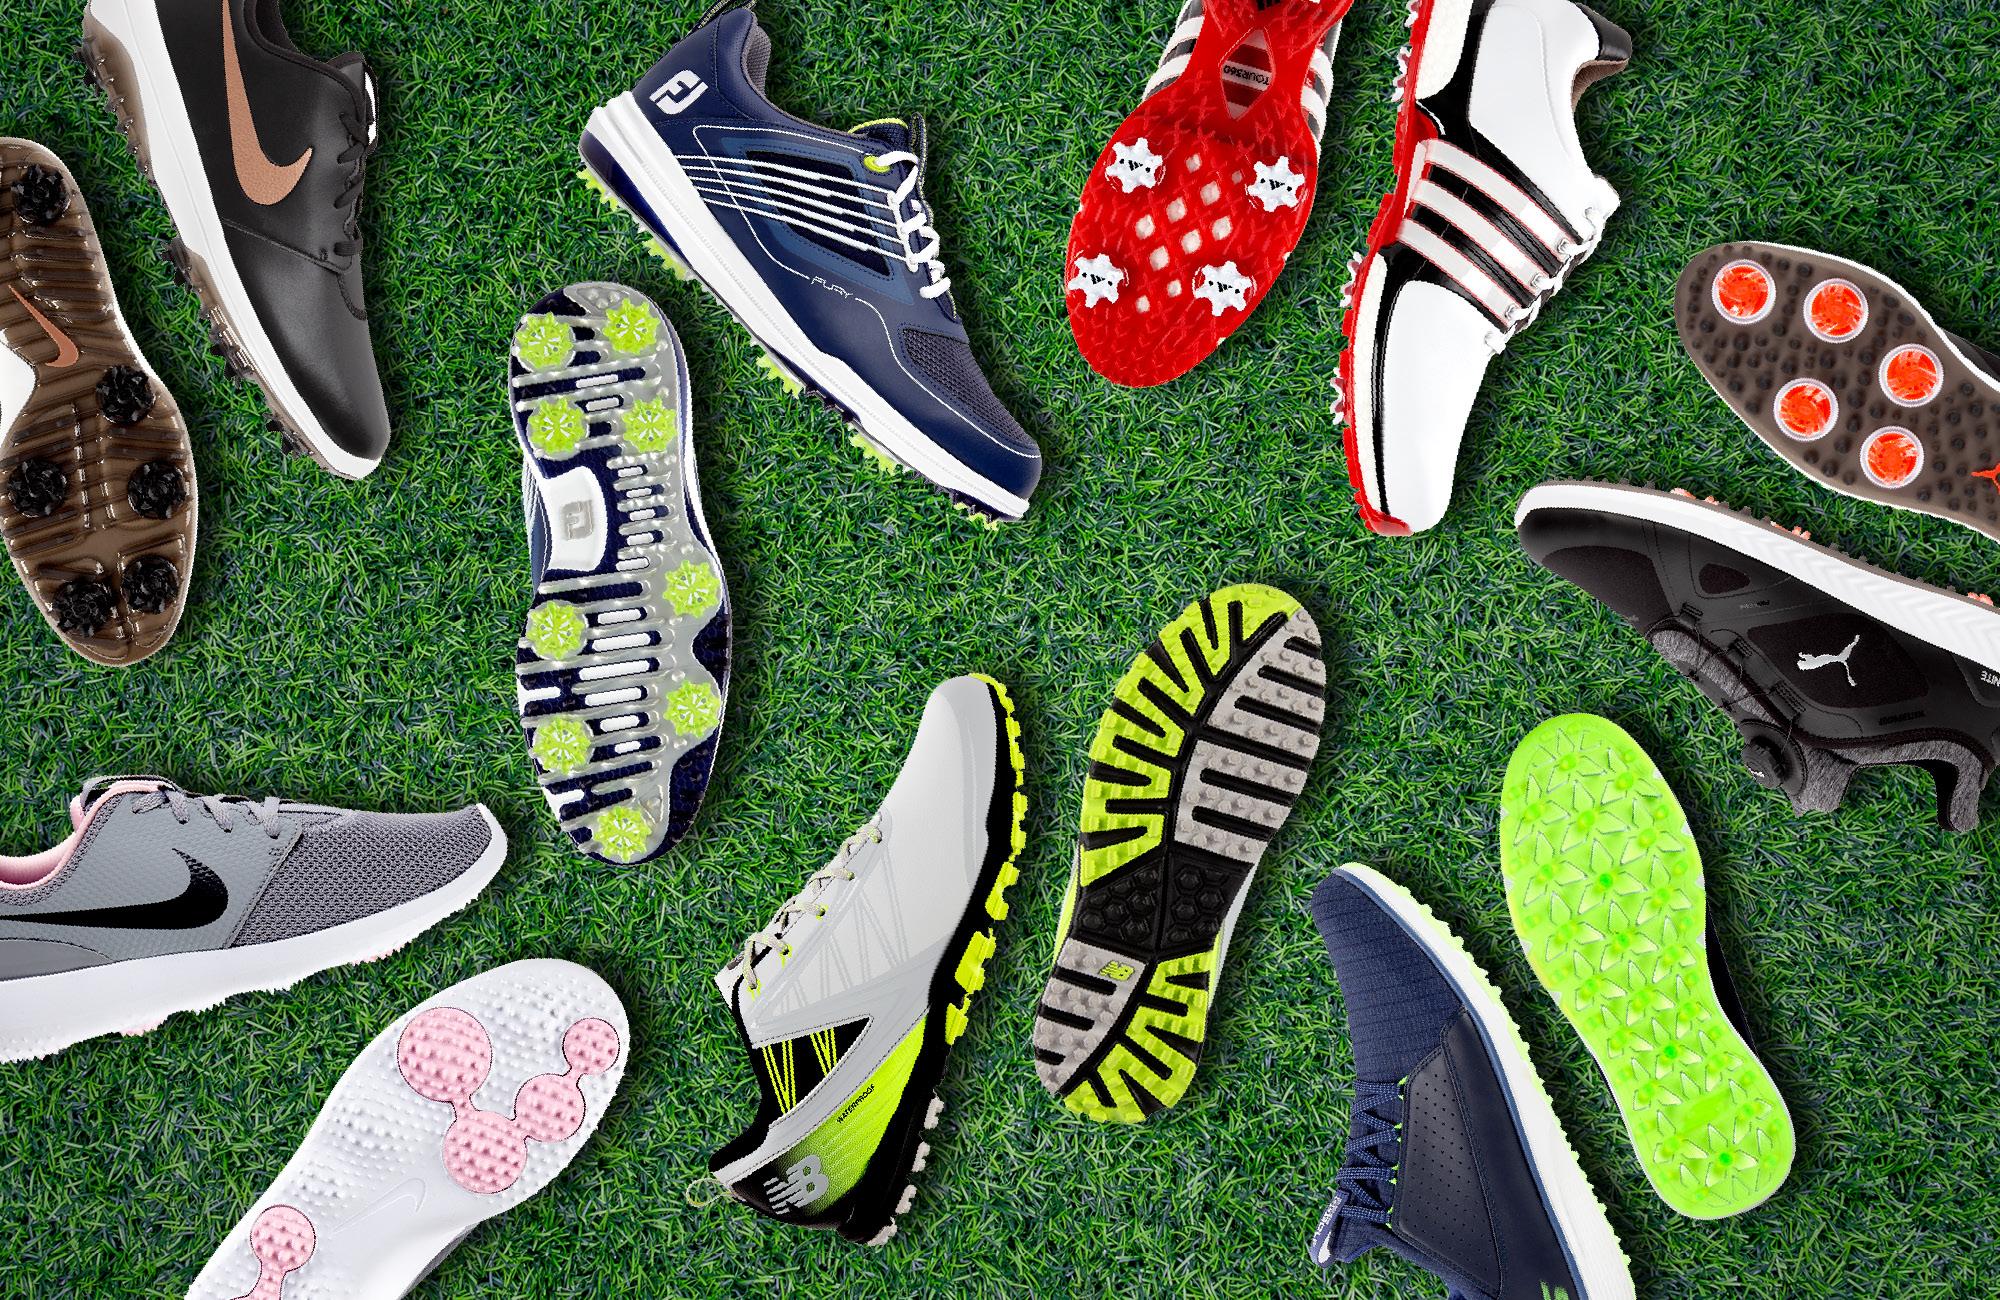 Guide d'achat de chaussures de golf - Blogue de Golf Town